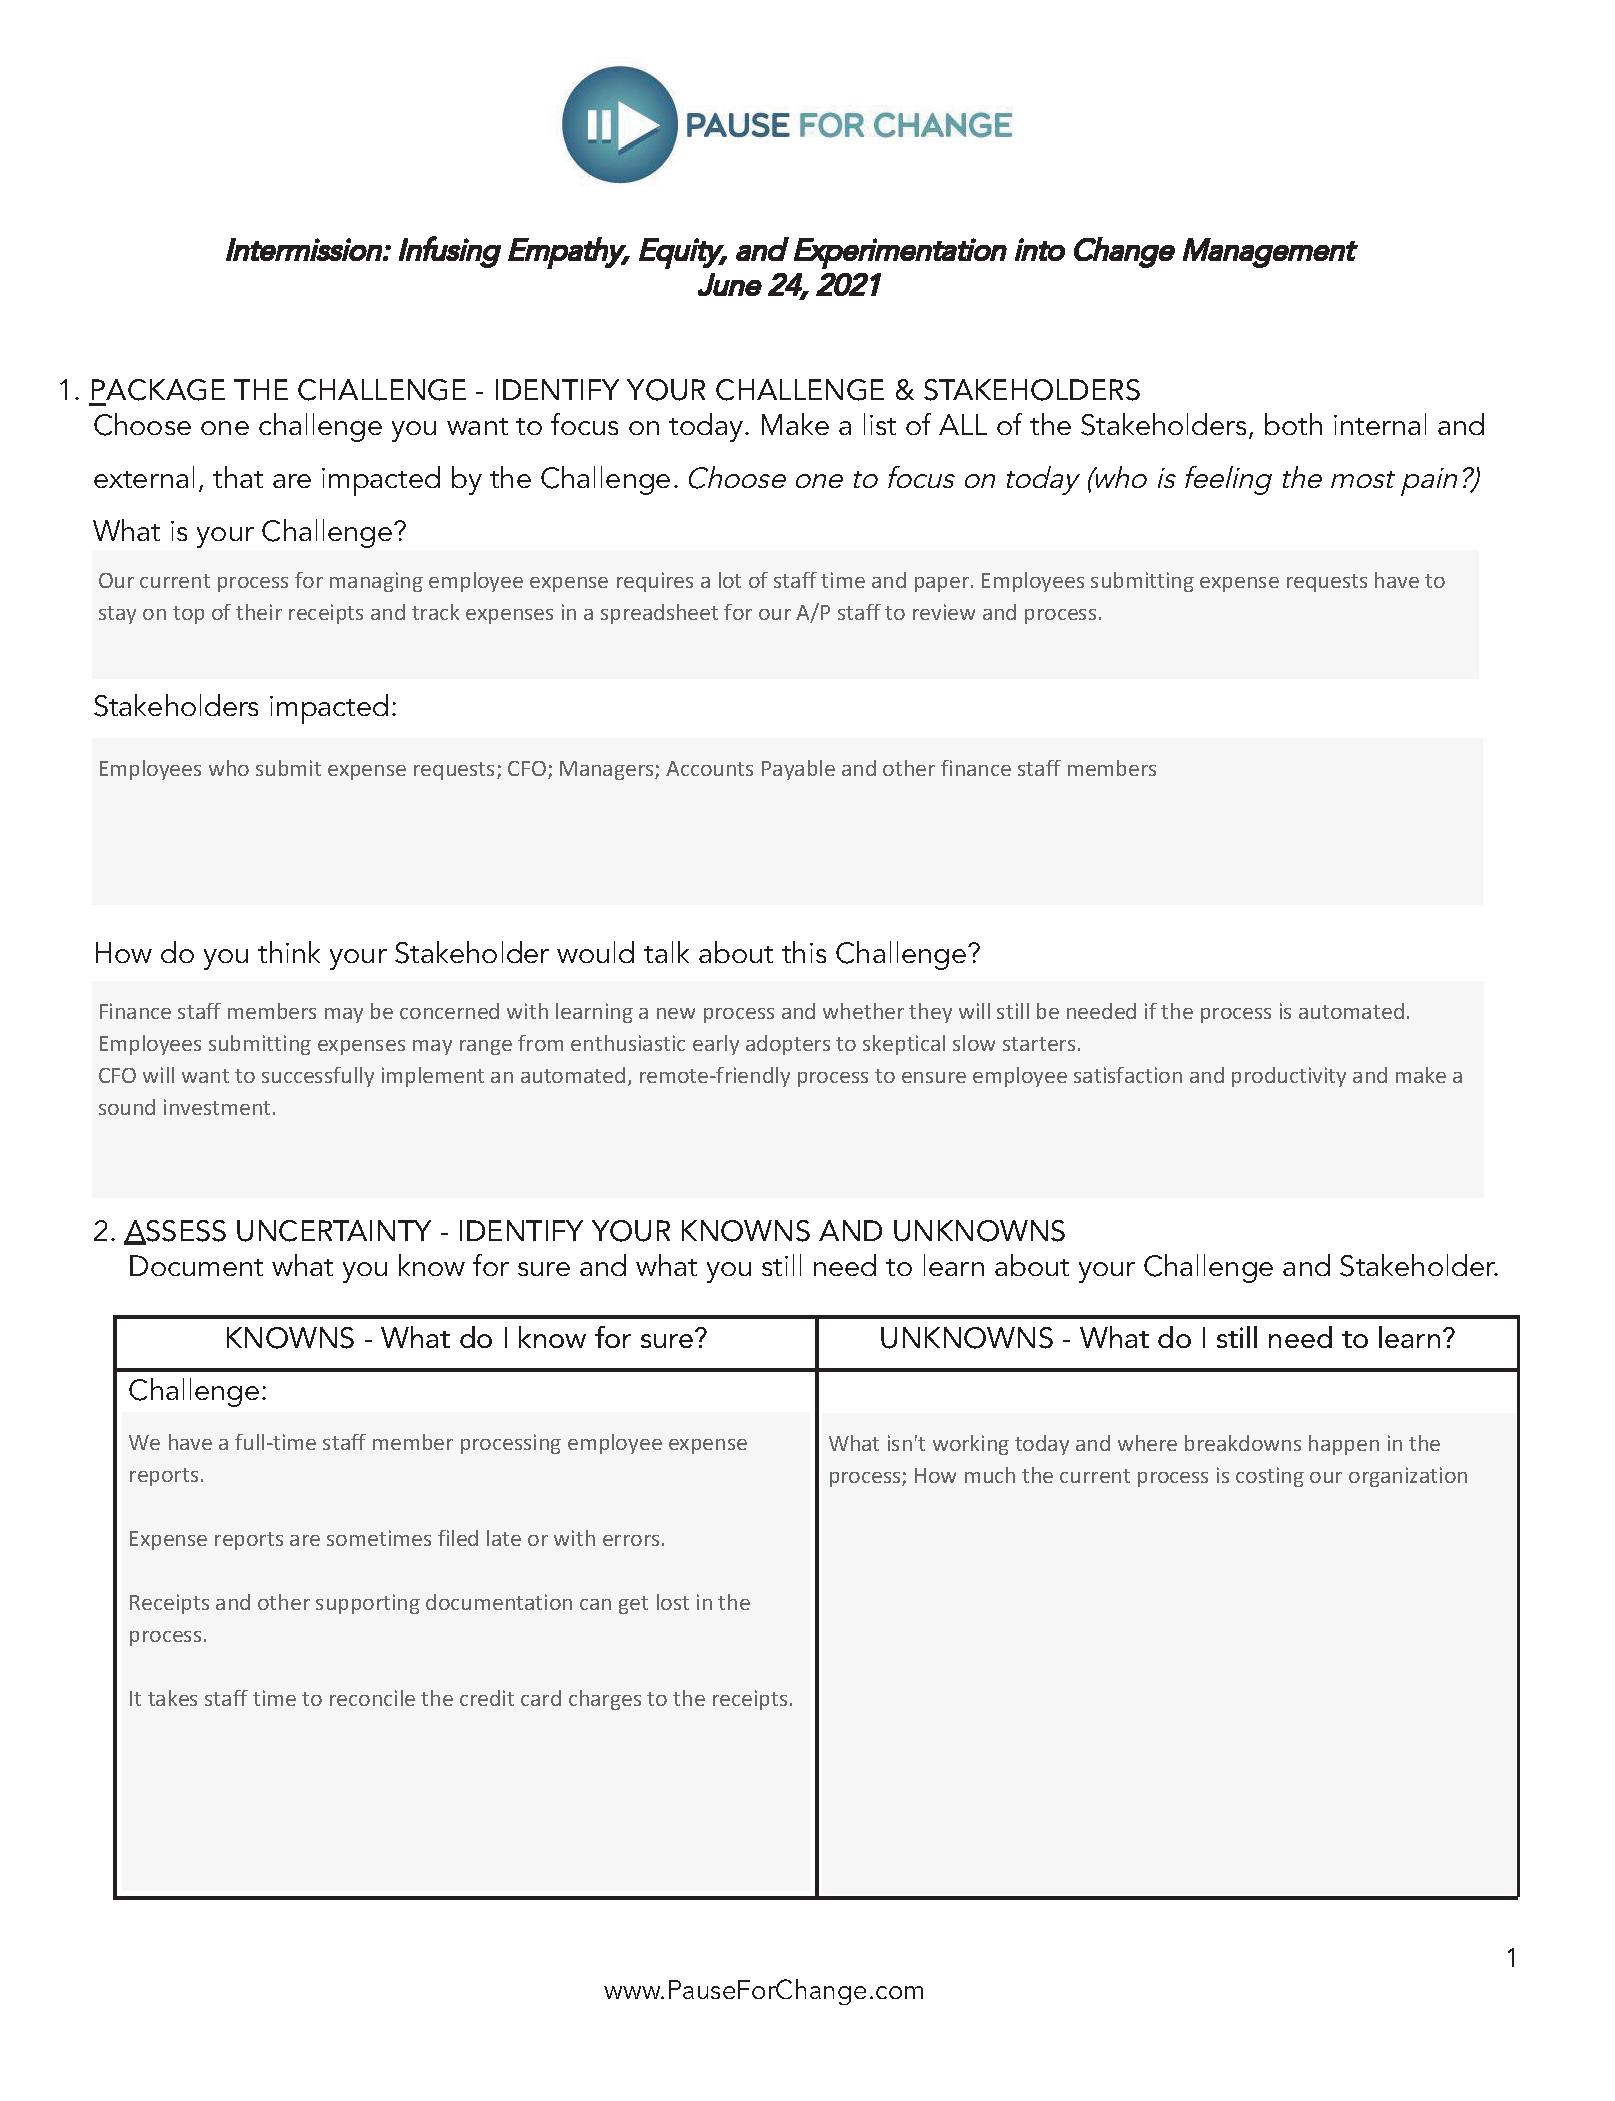 Change Management Worksheet Image